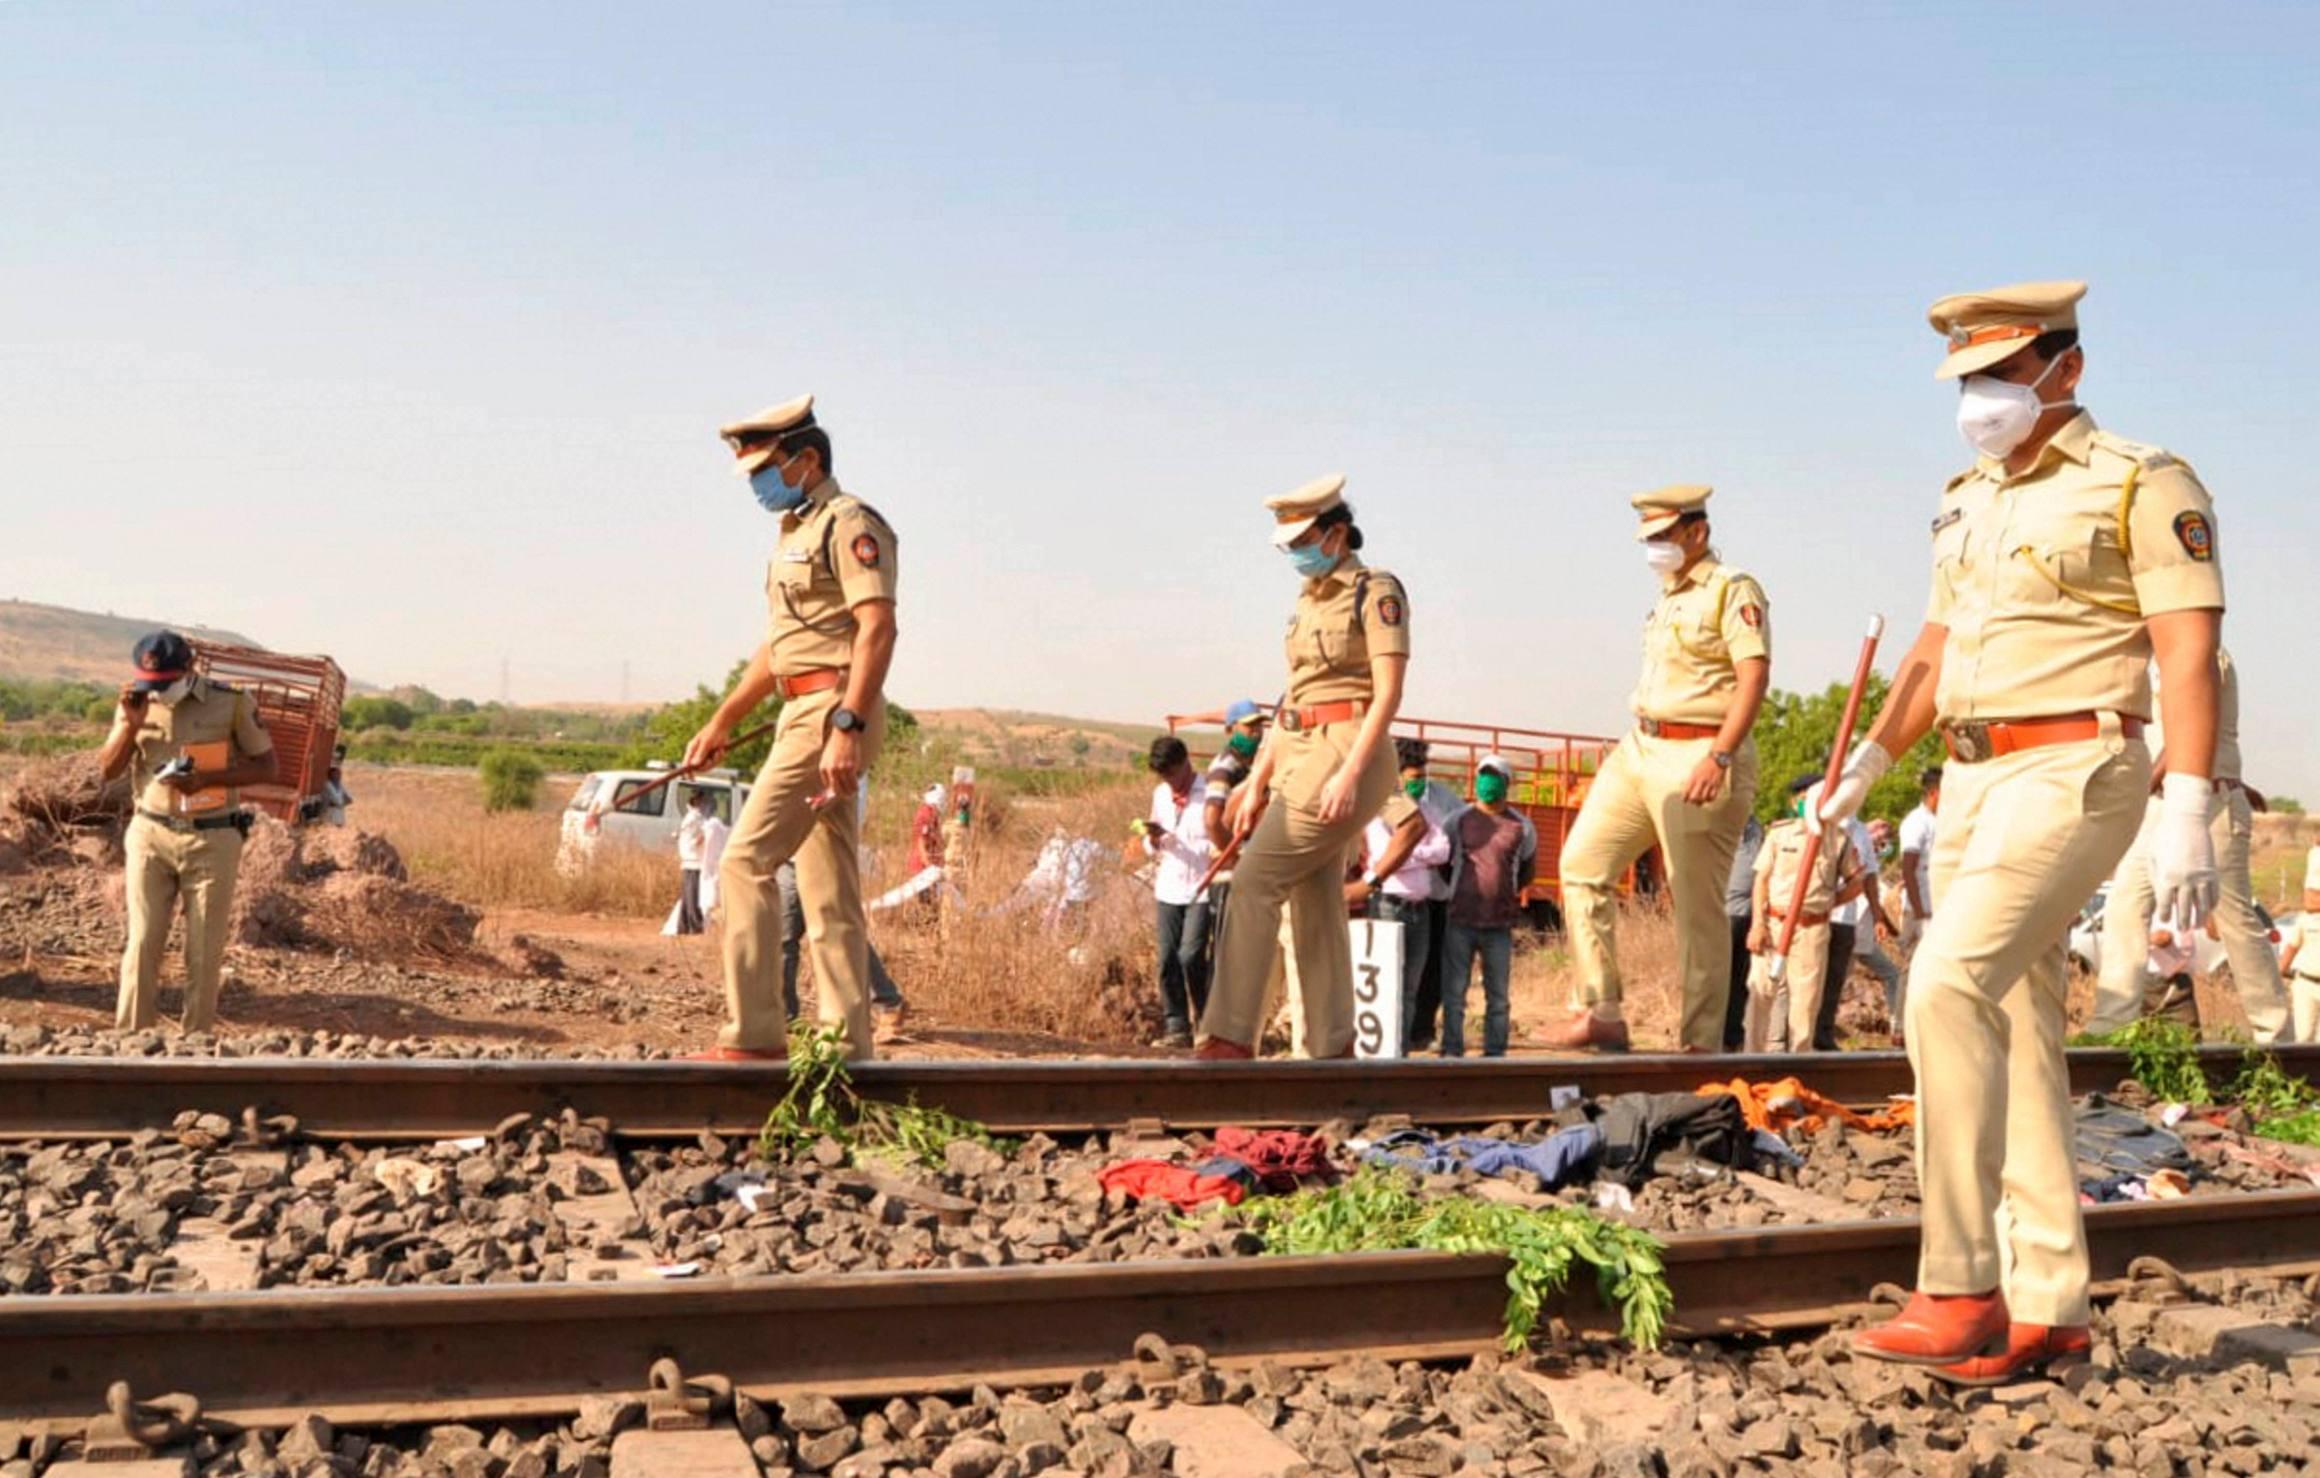 اورنگ آباد ضلع میں ریلوے ٹریک پر ہوئی مزدوروں کی موت کے بعد جانچ کرتی پولیس۔ (فوٹو: پی ٹی آئی)